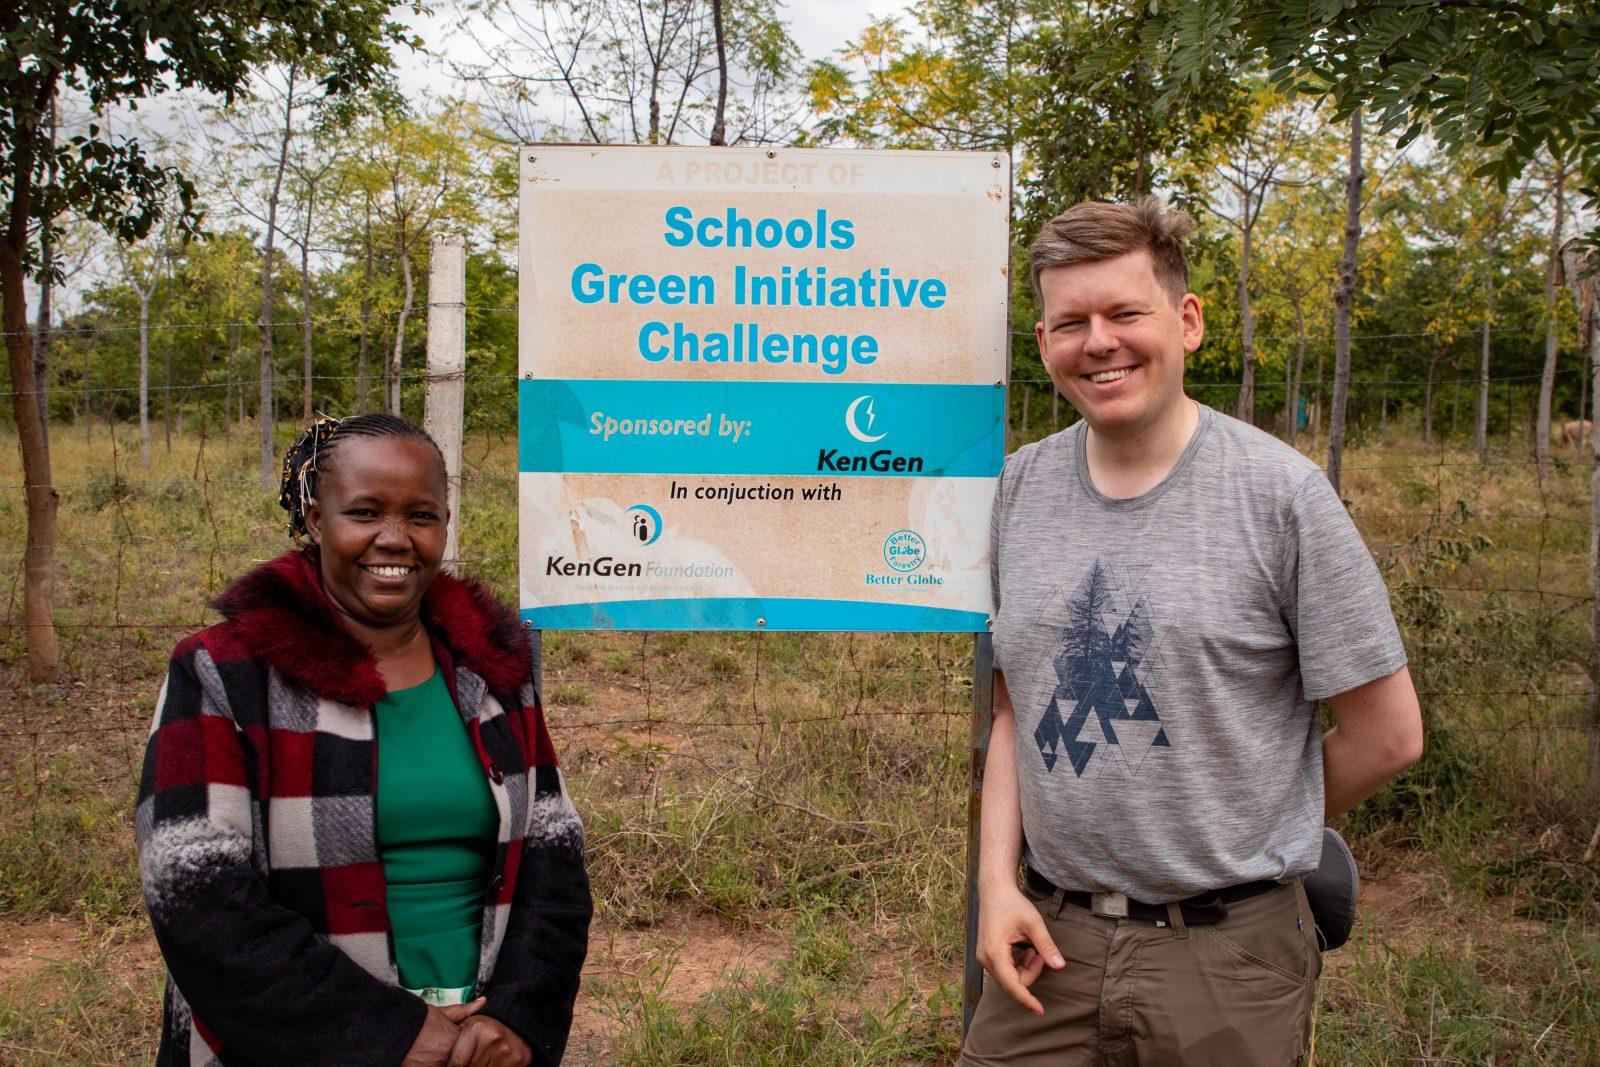 Rektorn på Kaewa Secondary School i Kindaruma tillsammans med mig framför skylten kring Green Initiative Challenge som är ett samarbete mellan KenGen, Better Globe och Bamburi.